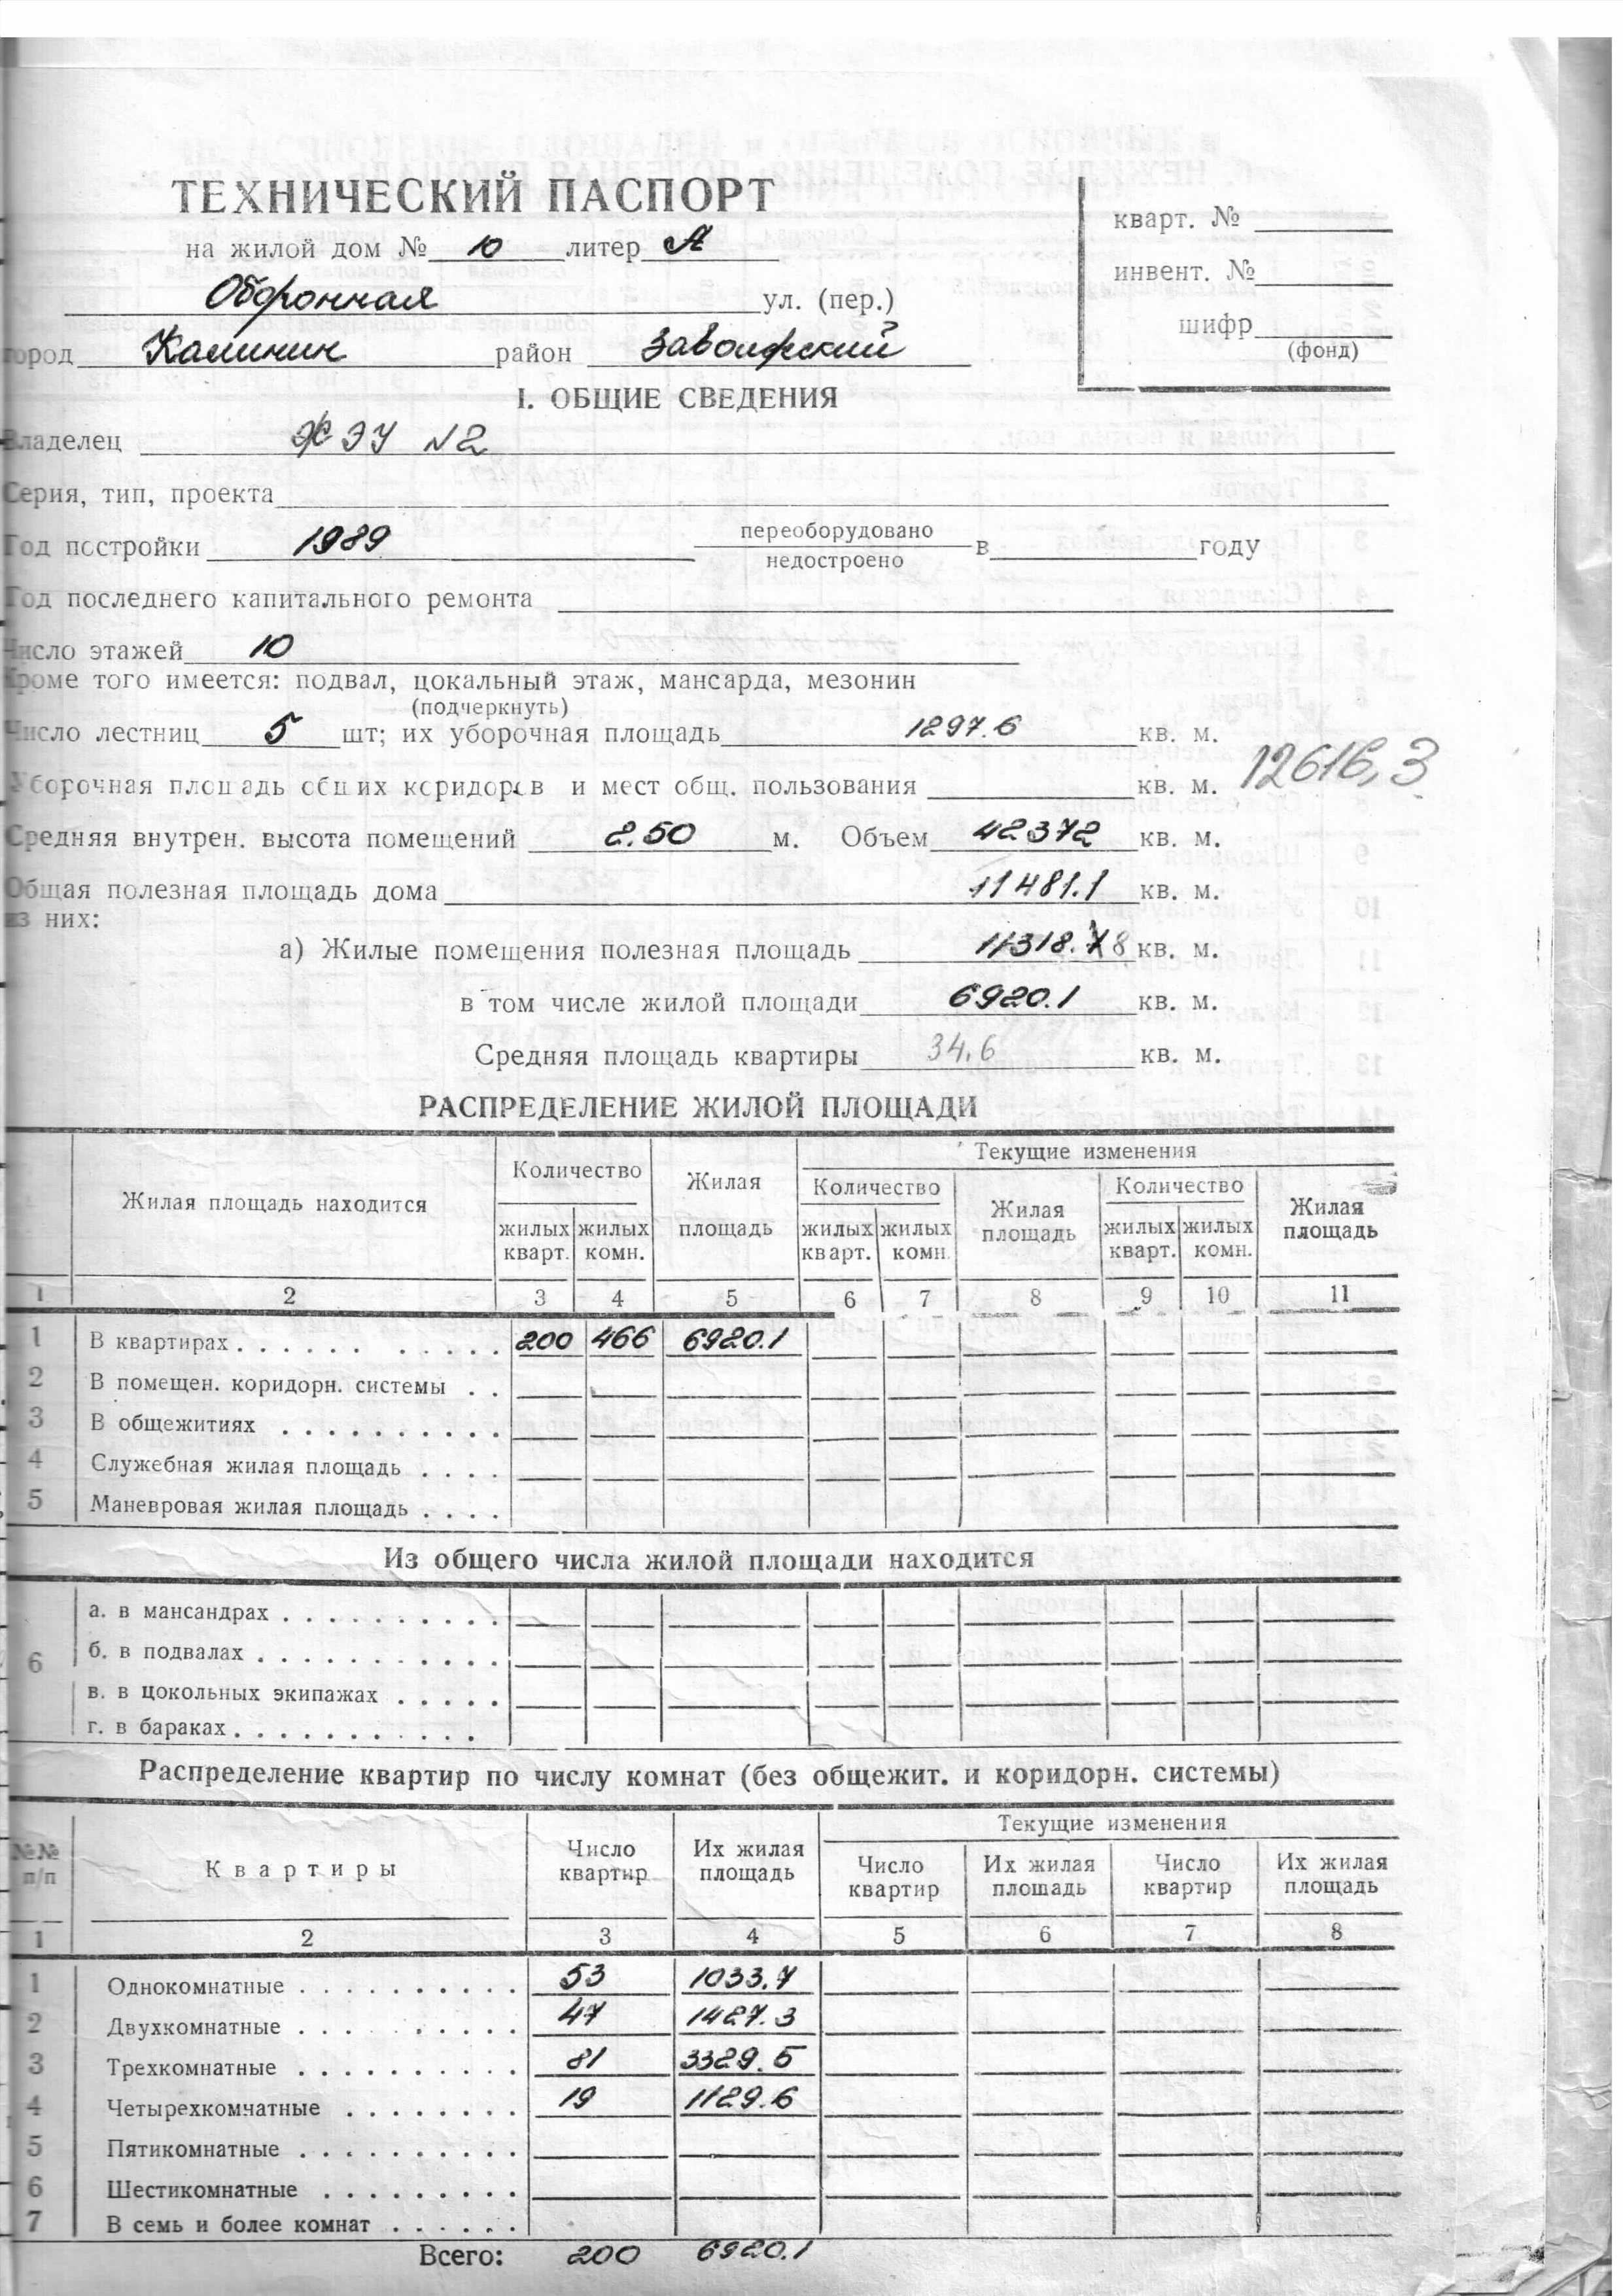 Фото технического паспорта постройки